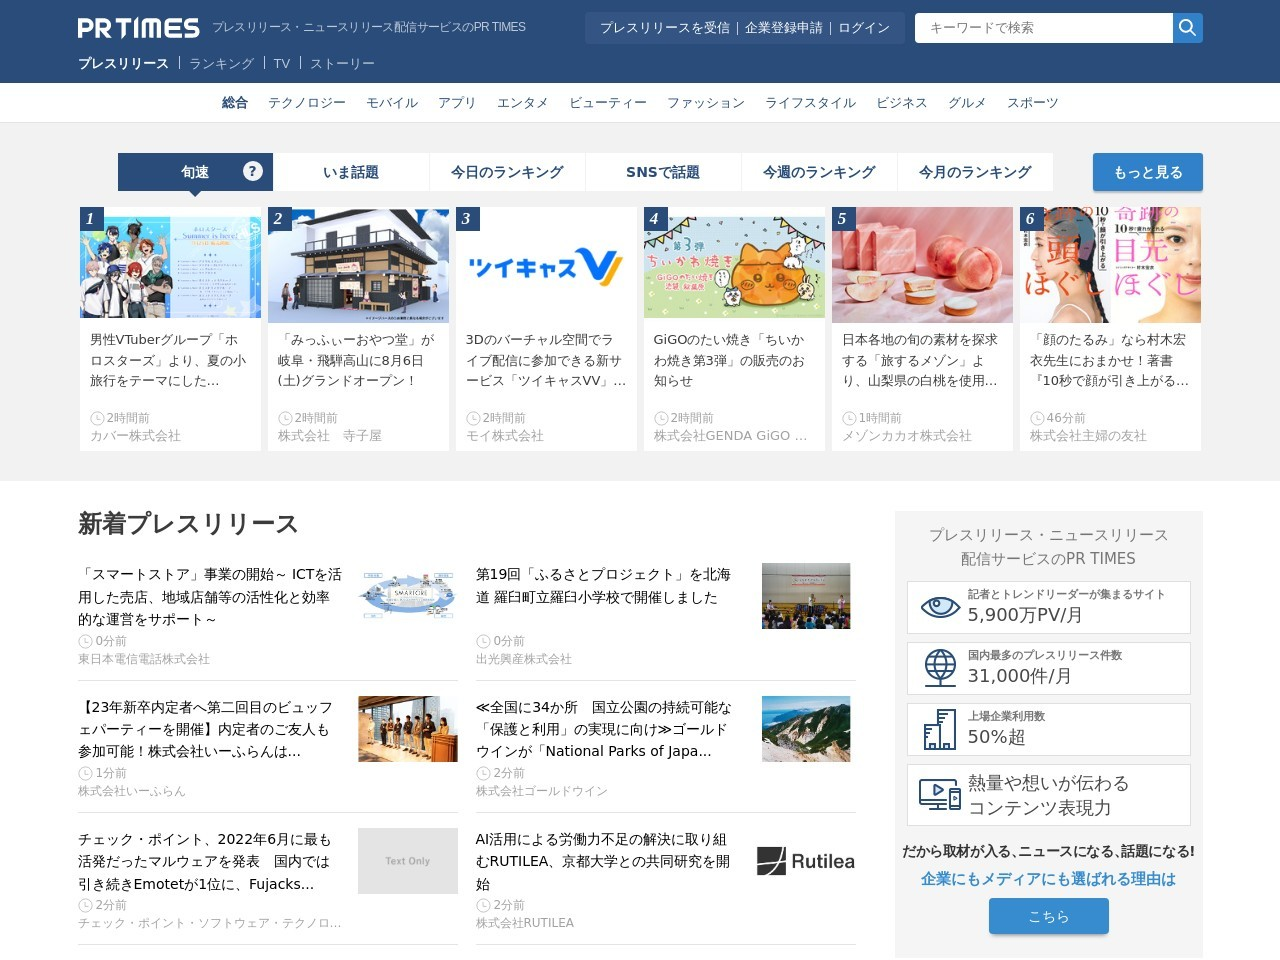 【事後レポート】愛媛県育ちのレイザーラモンRGさんがホテルたいよう農園 二番町のオープンを祝して「ある …